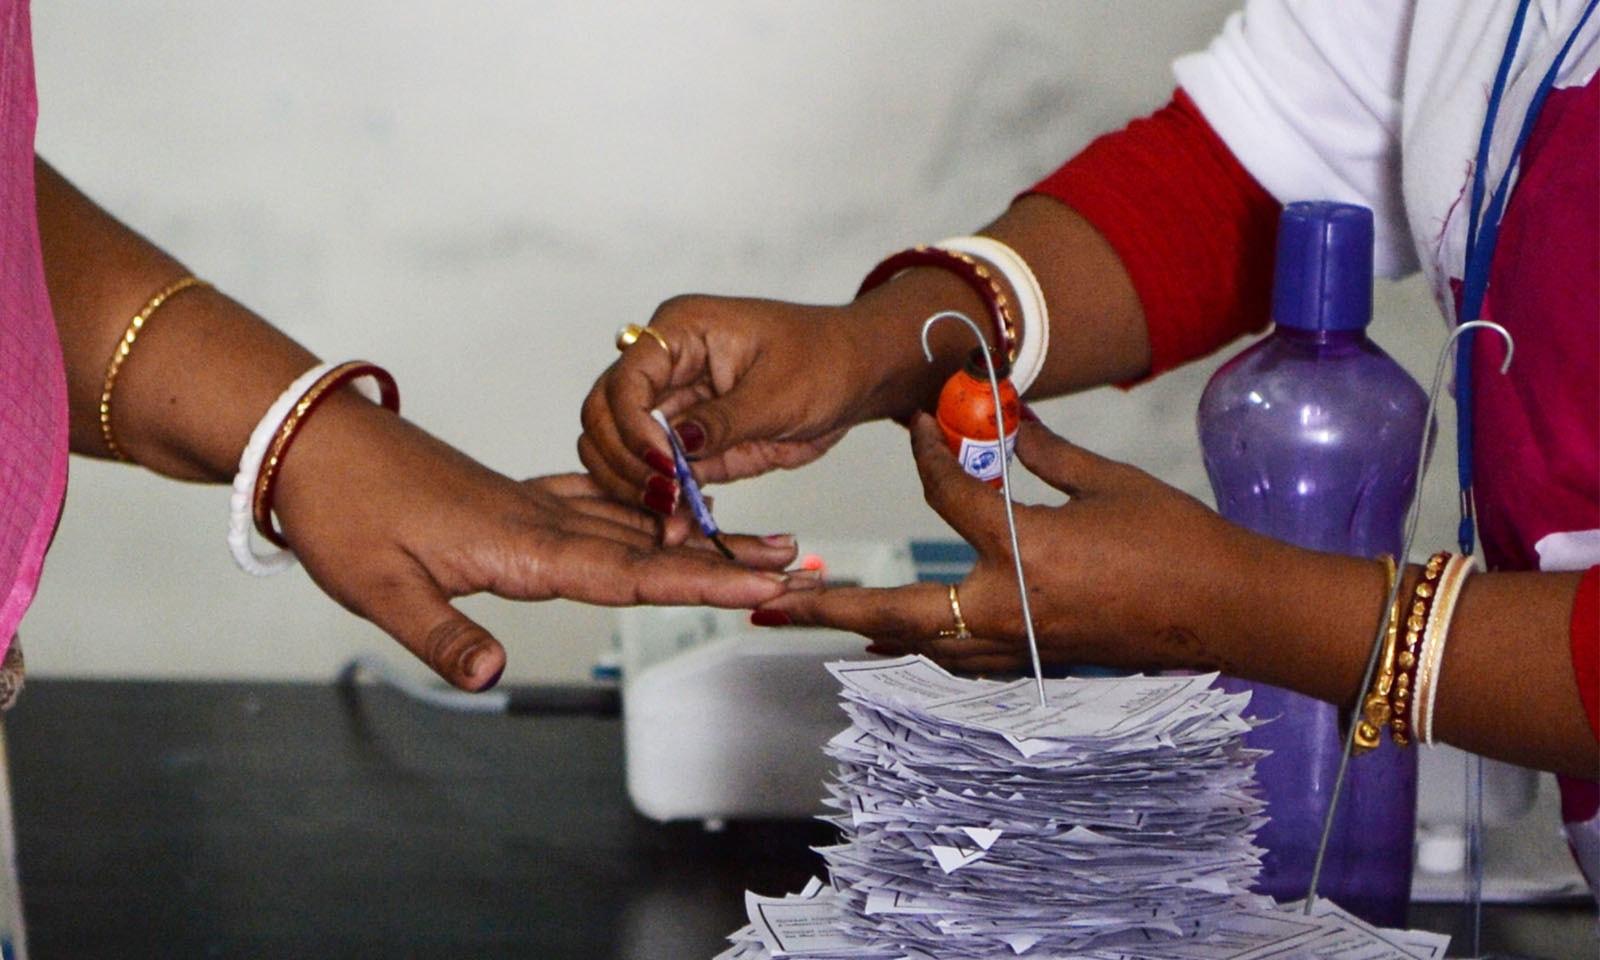 مالڈا کے پولنگ اسٹیشن پر انتخابی افسرووٹر کی انگلی پر انمٹ سیاہی لگا رہی ہیں—فوٹو: اے ایف پی